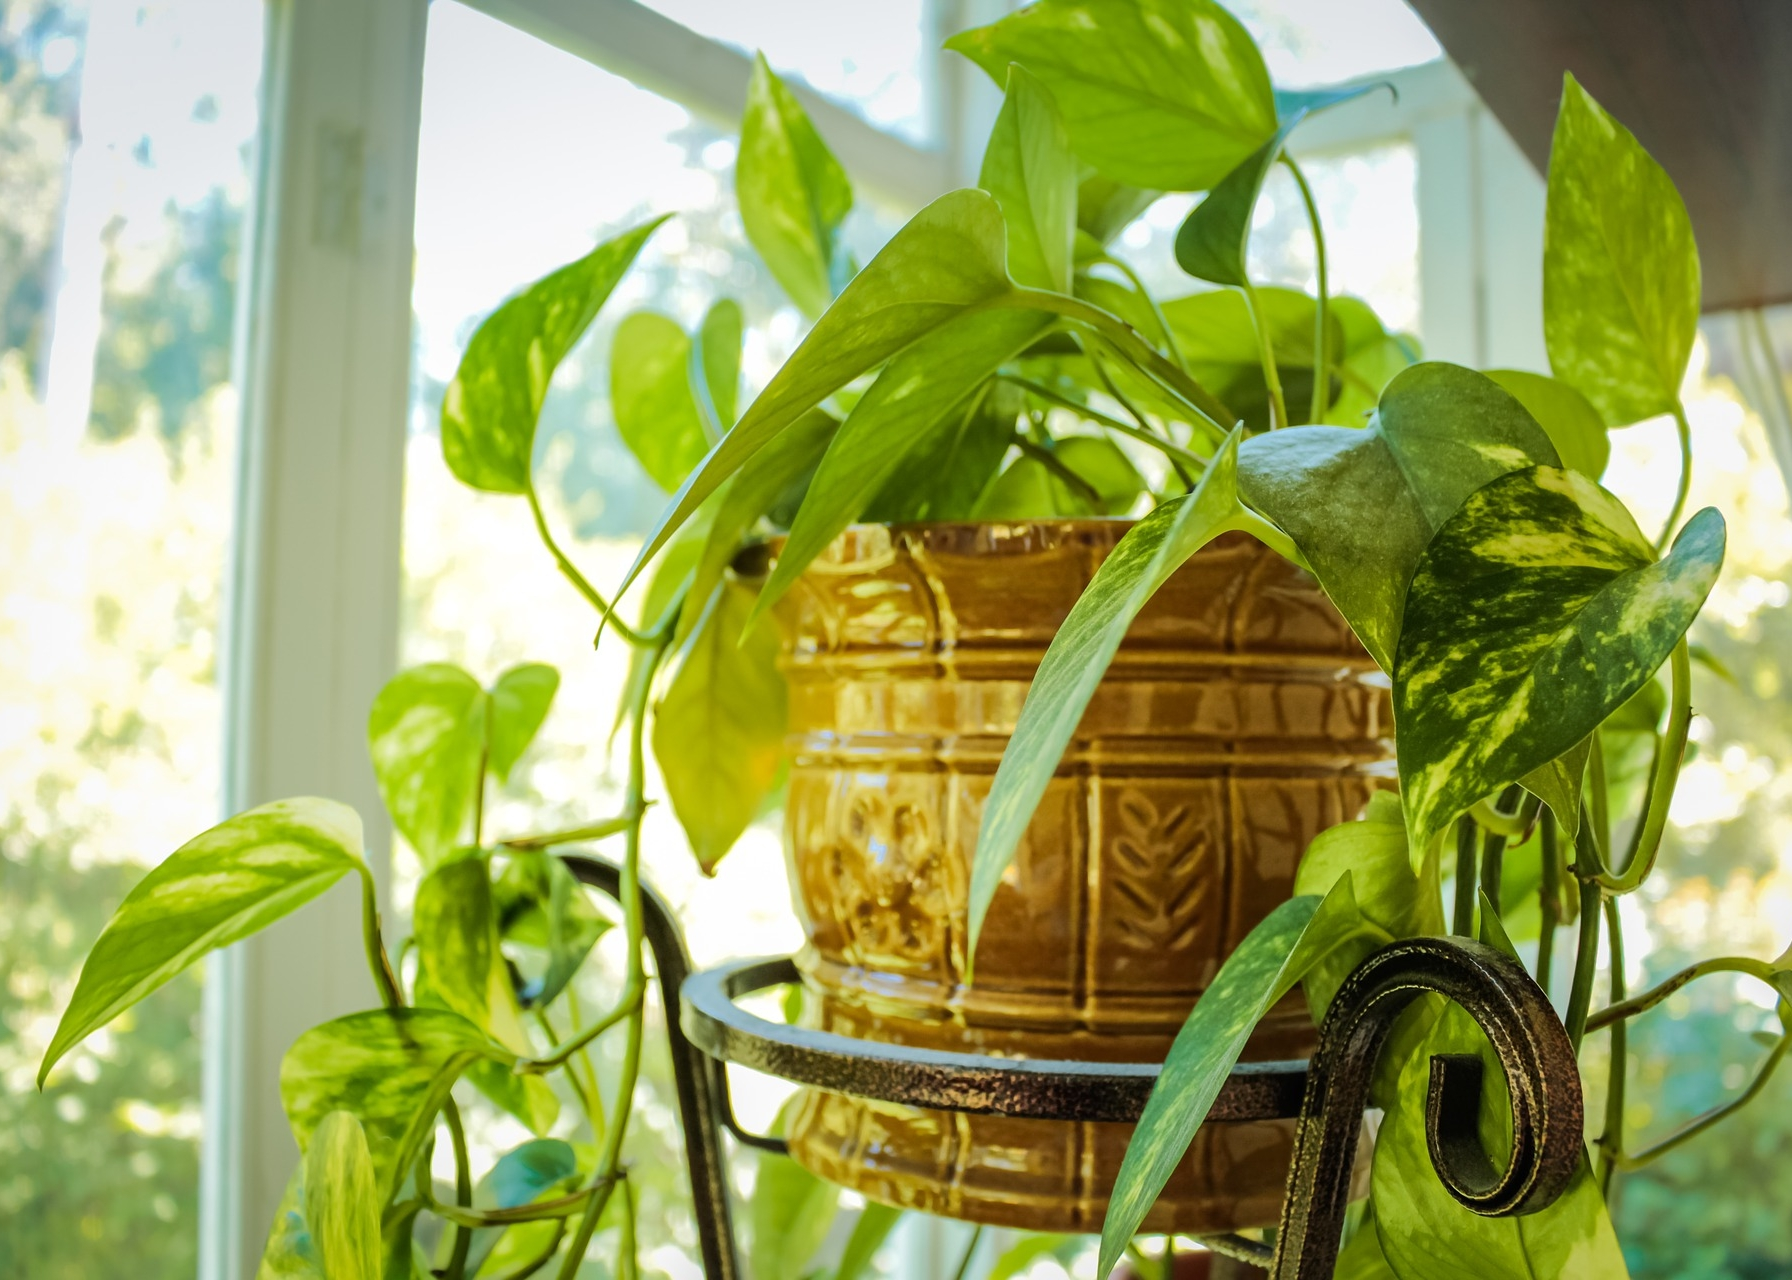 Guide des plantes d'intérieur: comment prendre soin des plantes d'intérieur